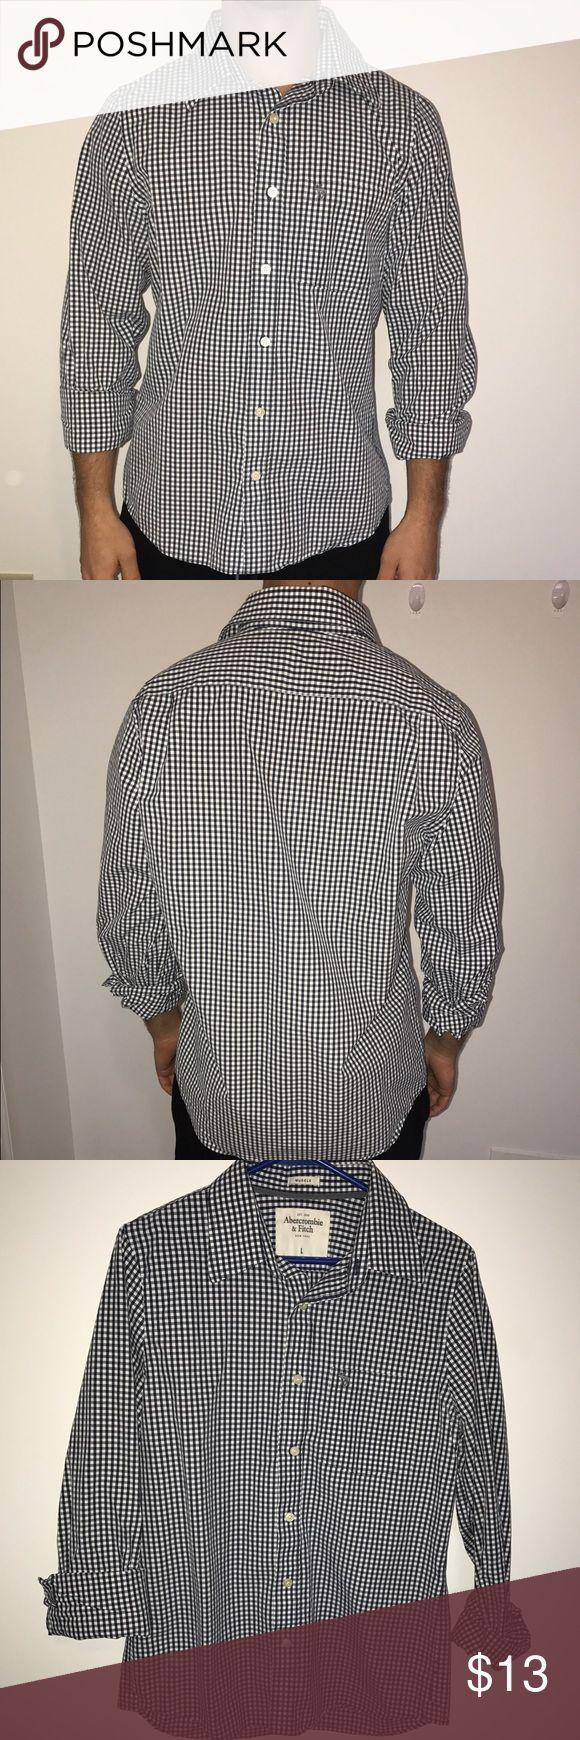 Abrrcrombie dress shirt Lightly worn Abercrombie dress shirt. Runs small- fits a medium or even a larger small. Abercrombie & Fitch Shirts Dress Shirts